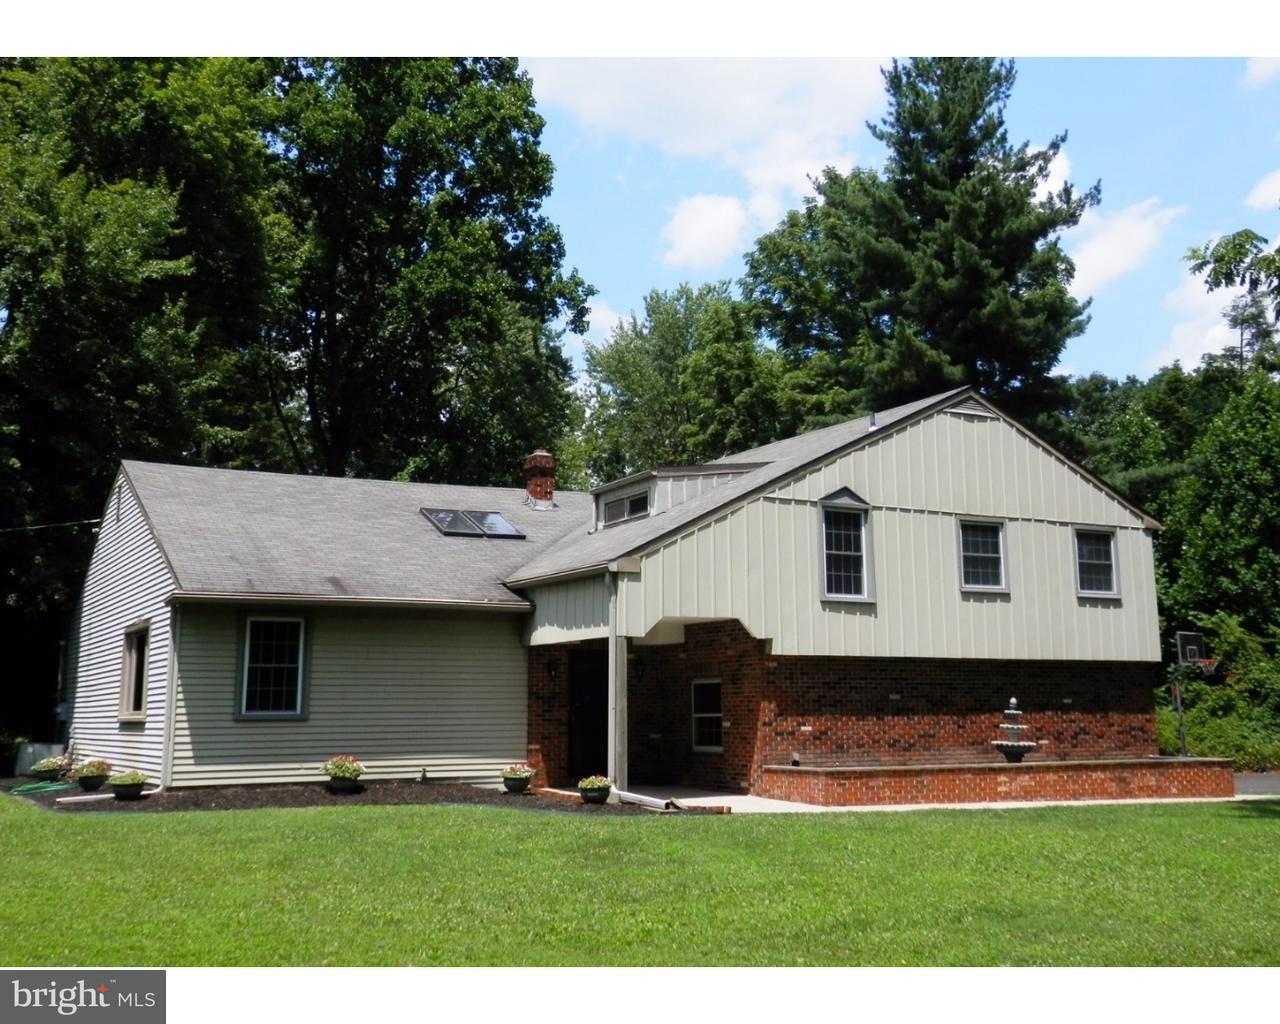 Частный односемейный дом для того Аренда на 526 CEDAR HILL Road Ambler, Пенсильвания 19002 Соединенные Штаты